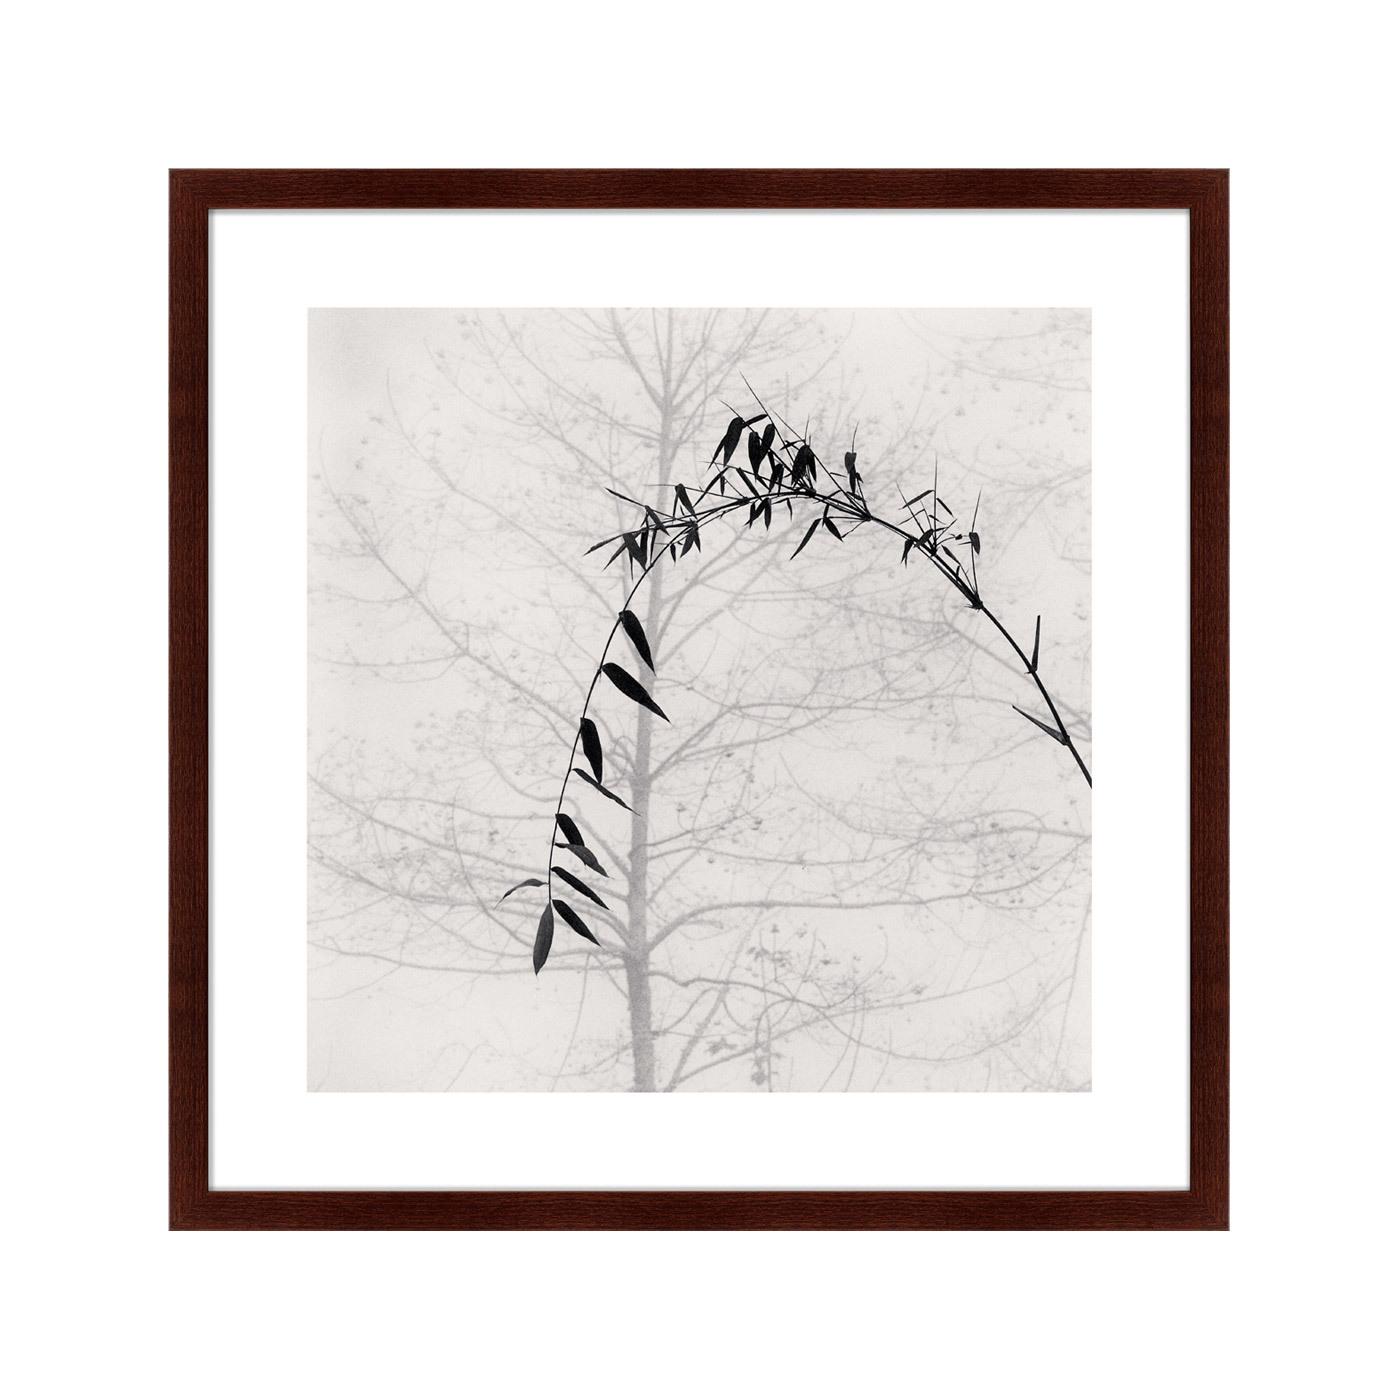 {} Картины в Квартиру Картина Bamboo And Tree (79х79 см) картины в квартиру картина sun beams 79х79 см